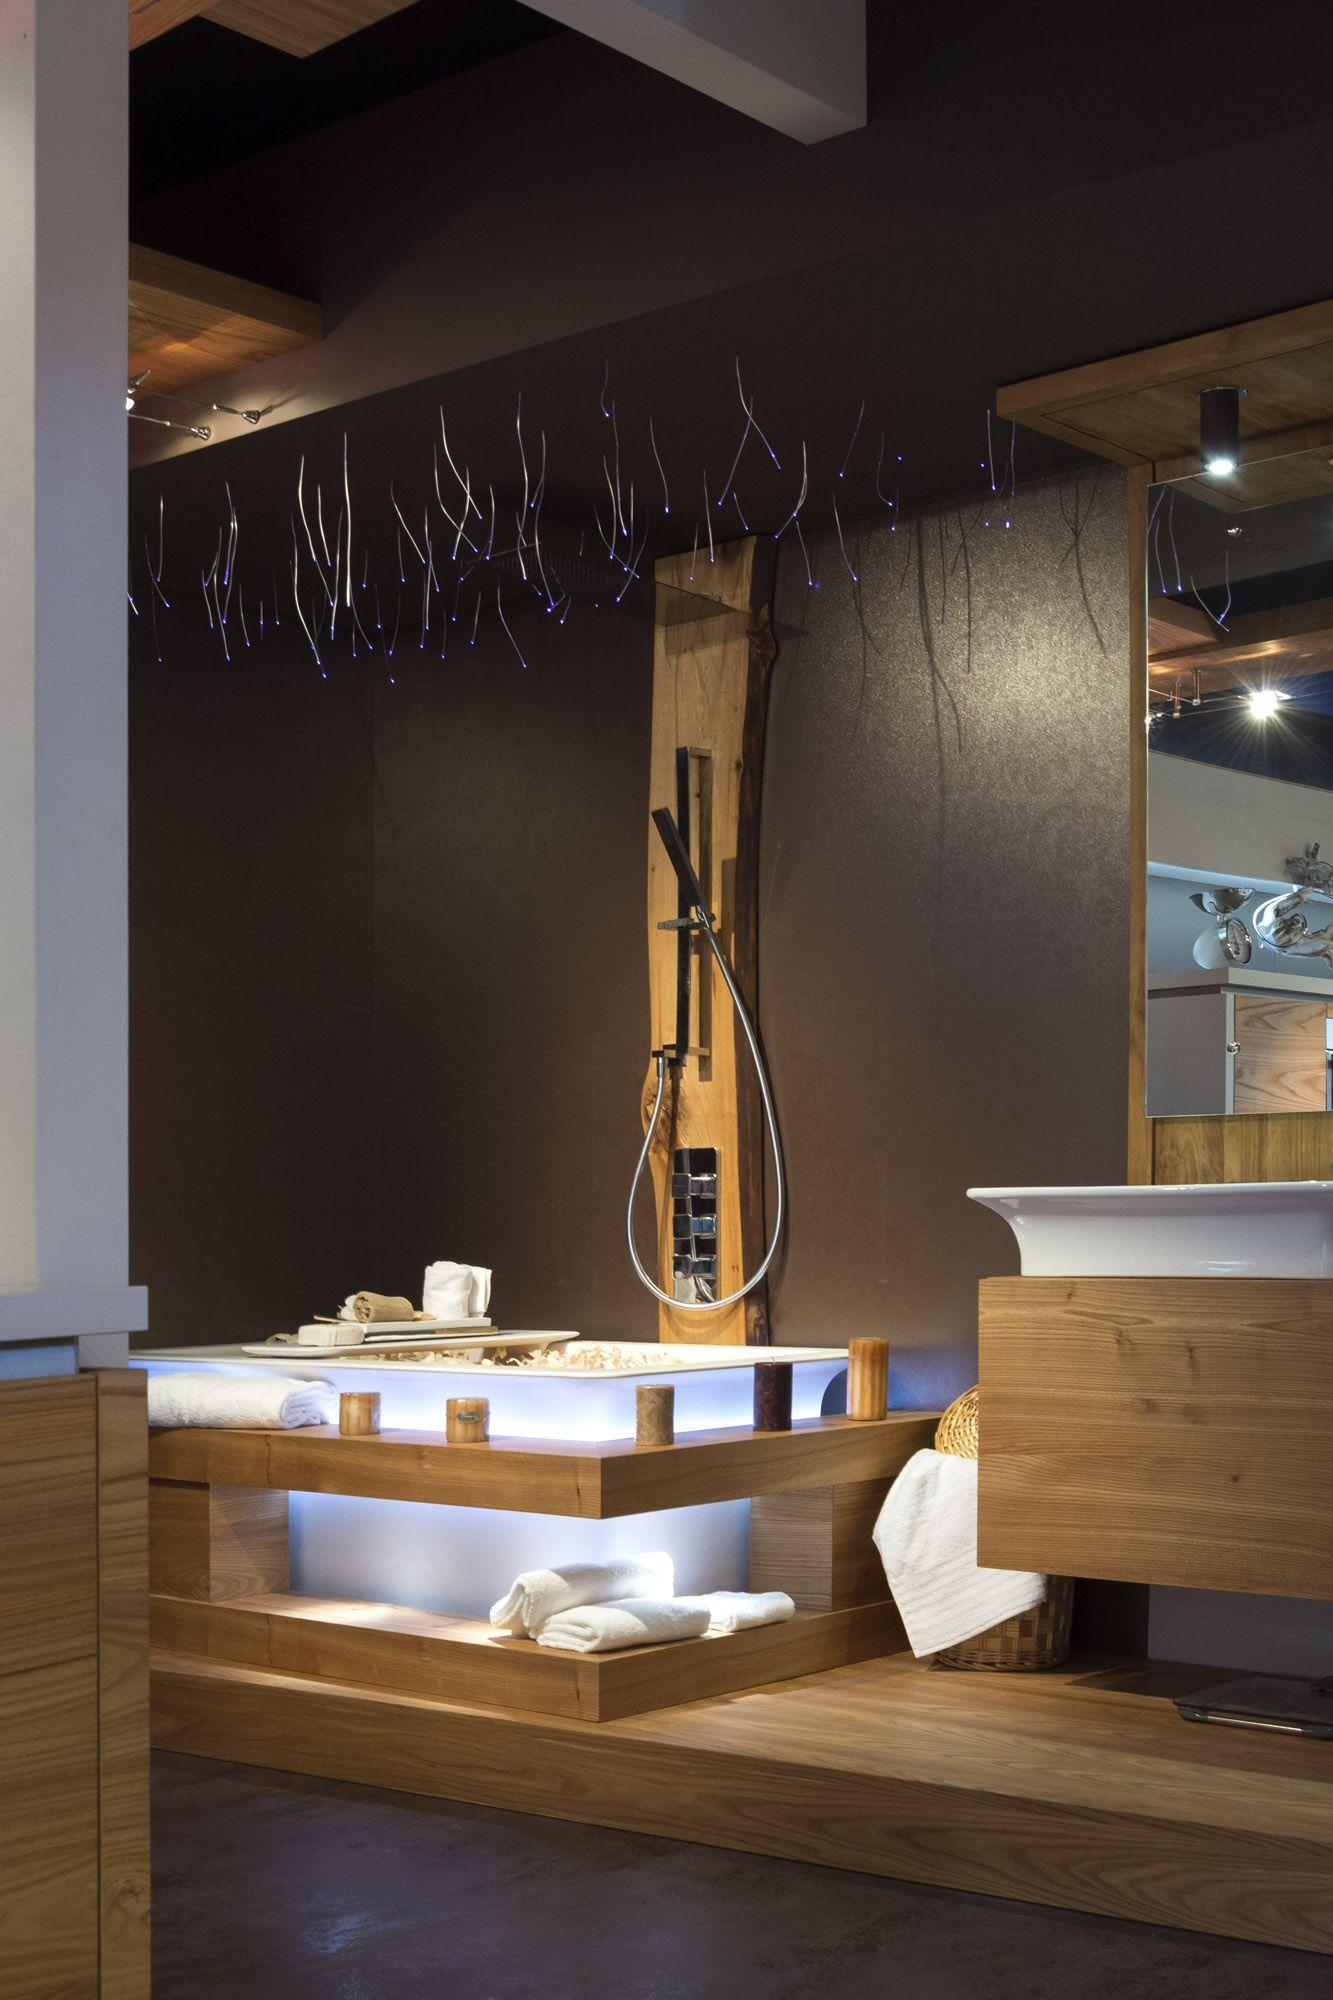 Bagno relax realizzato dalla falegnameria ivo fontana mobili di belluno made in italy - Arredo bagno belluno ...